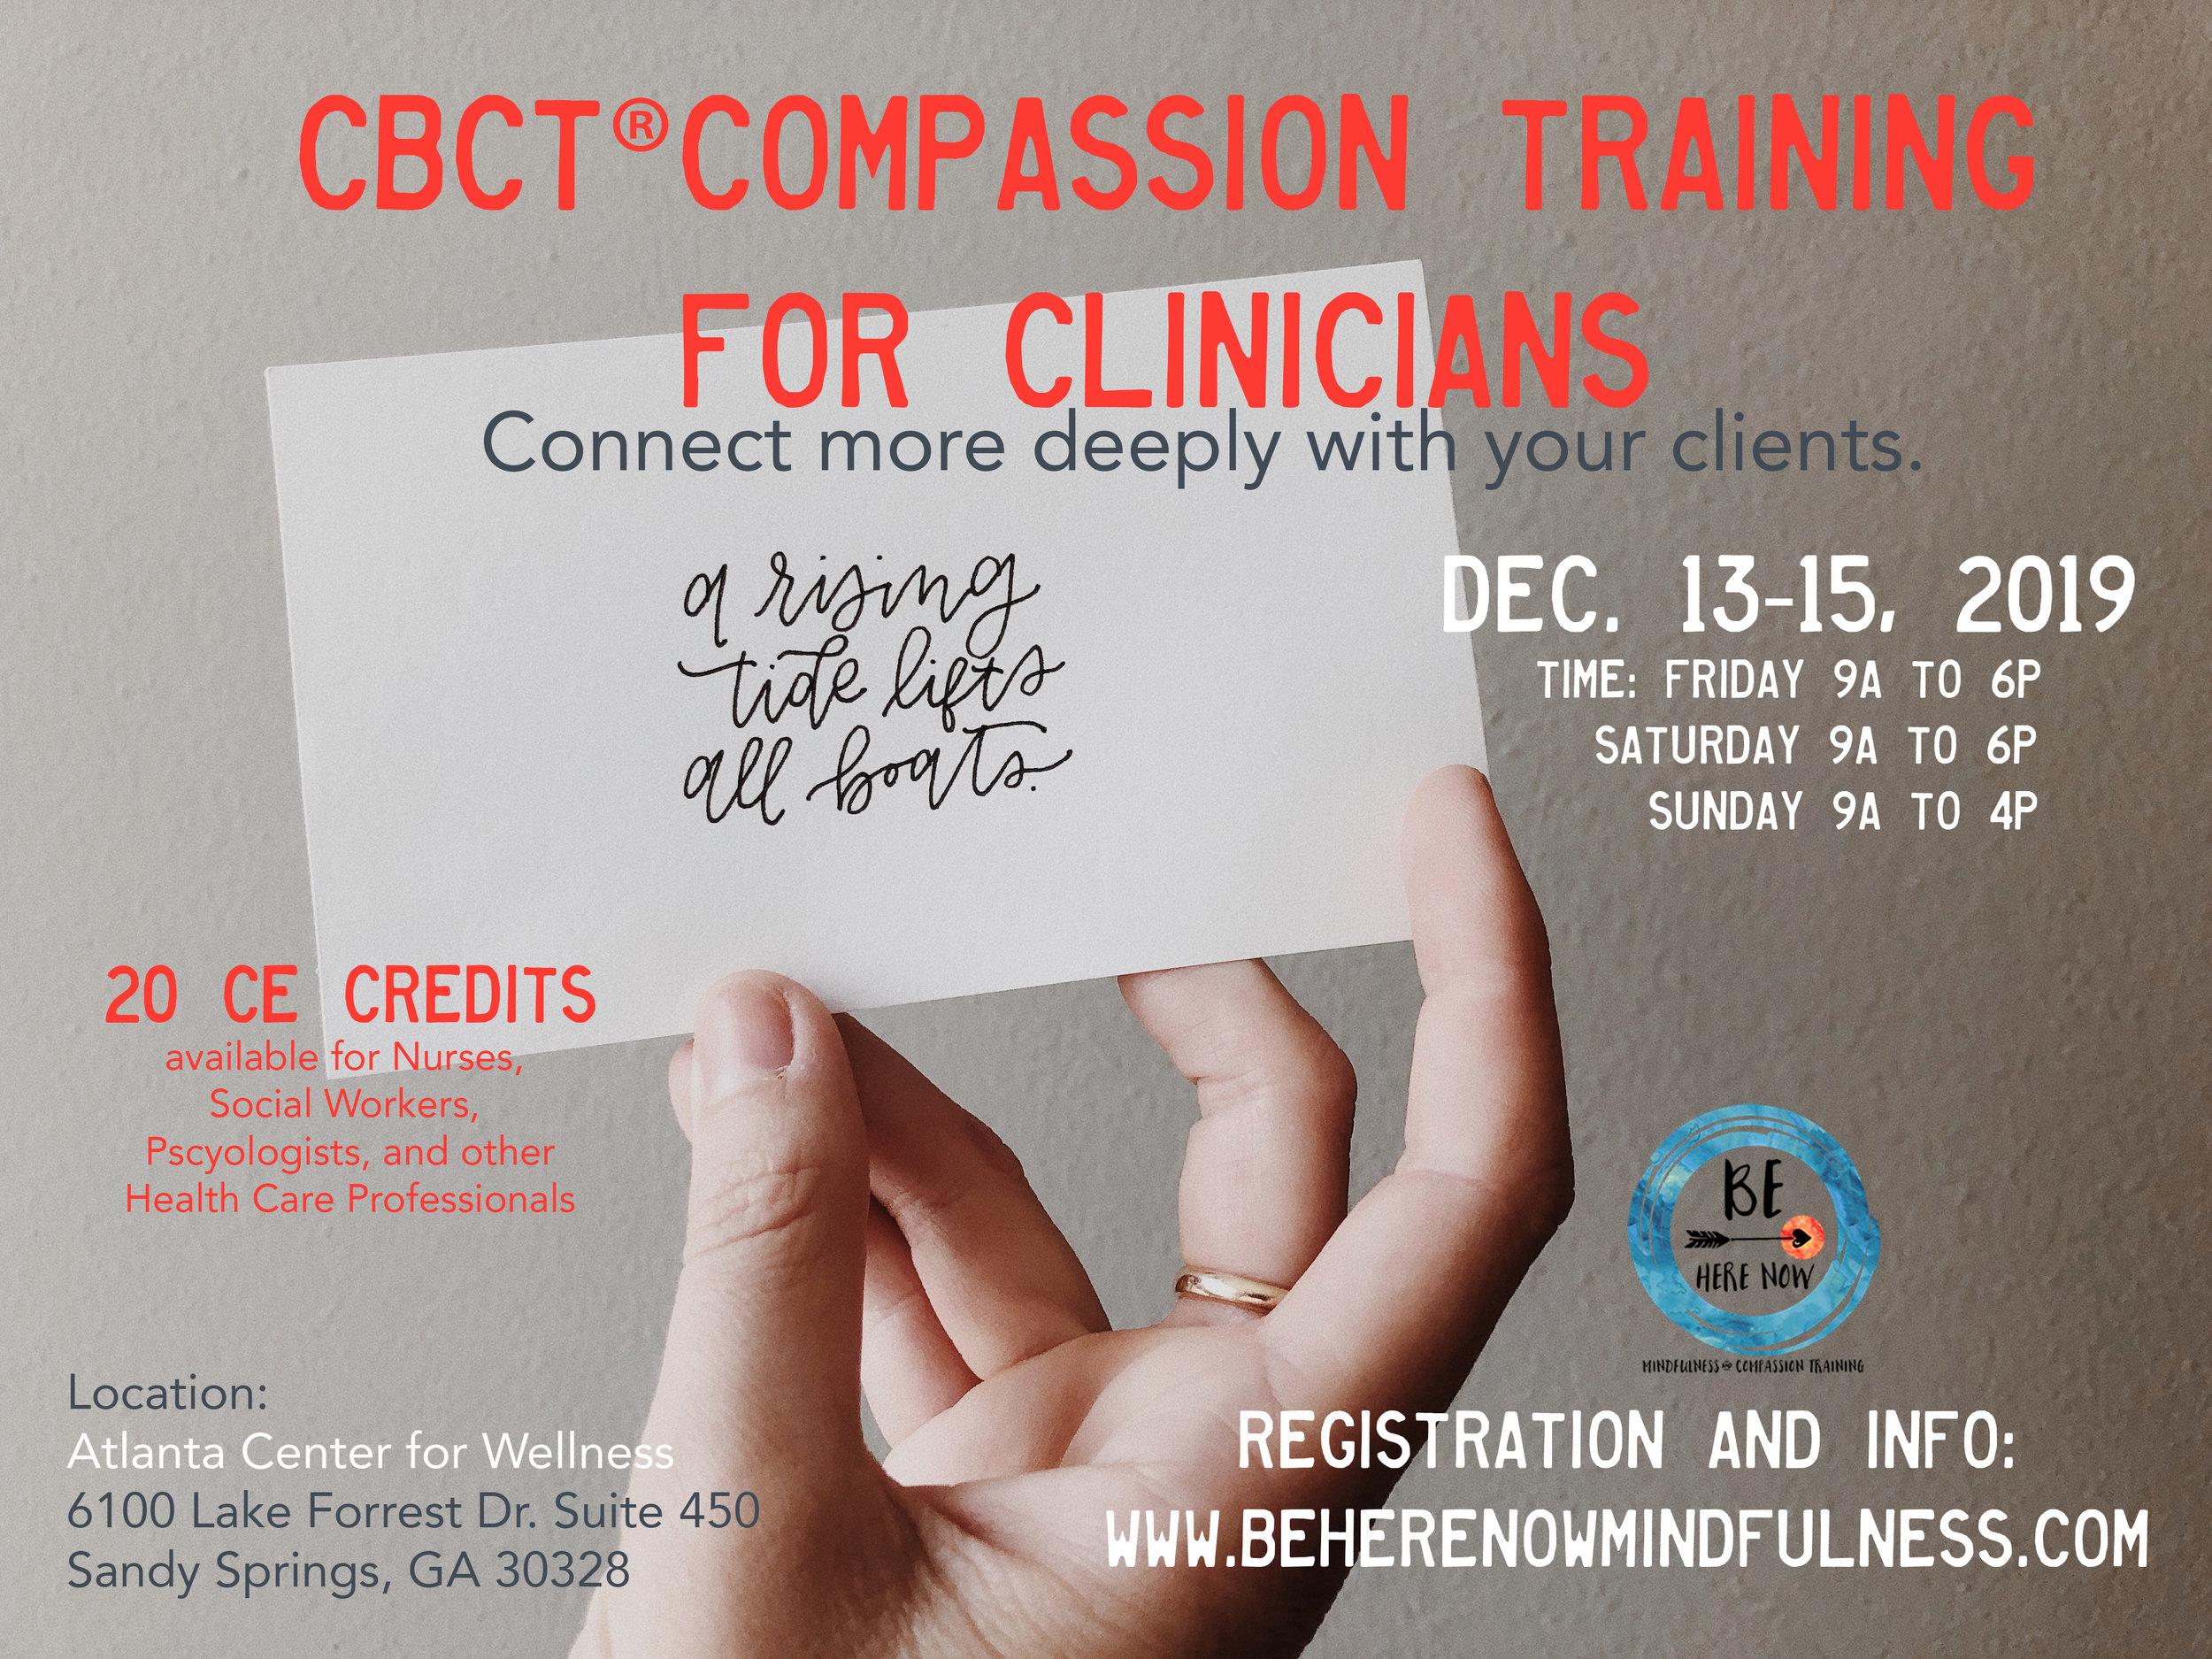 cbctclinicians.jpg